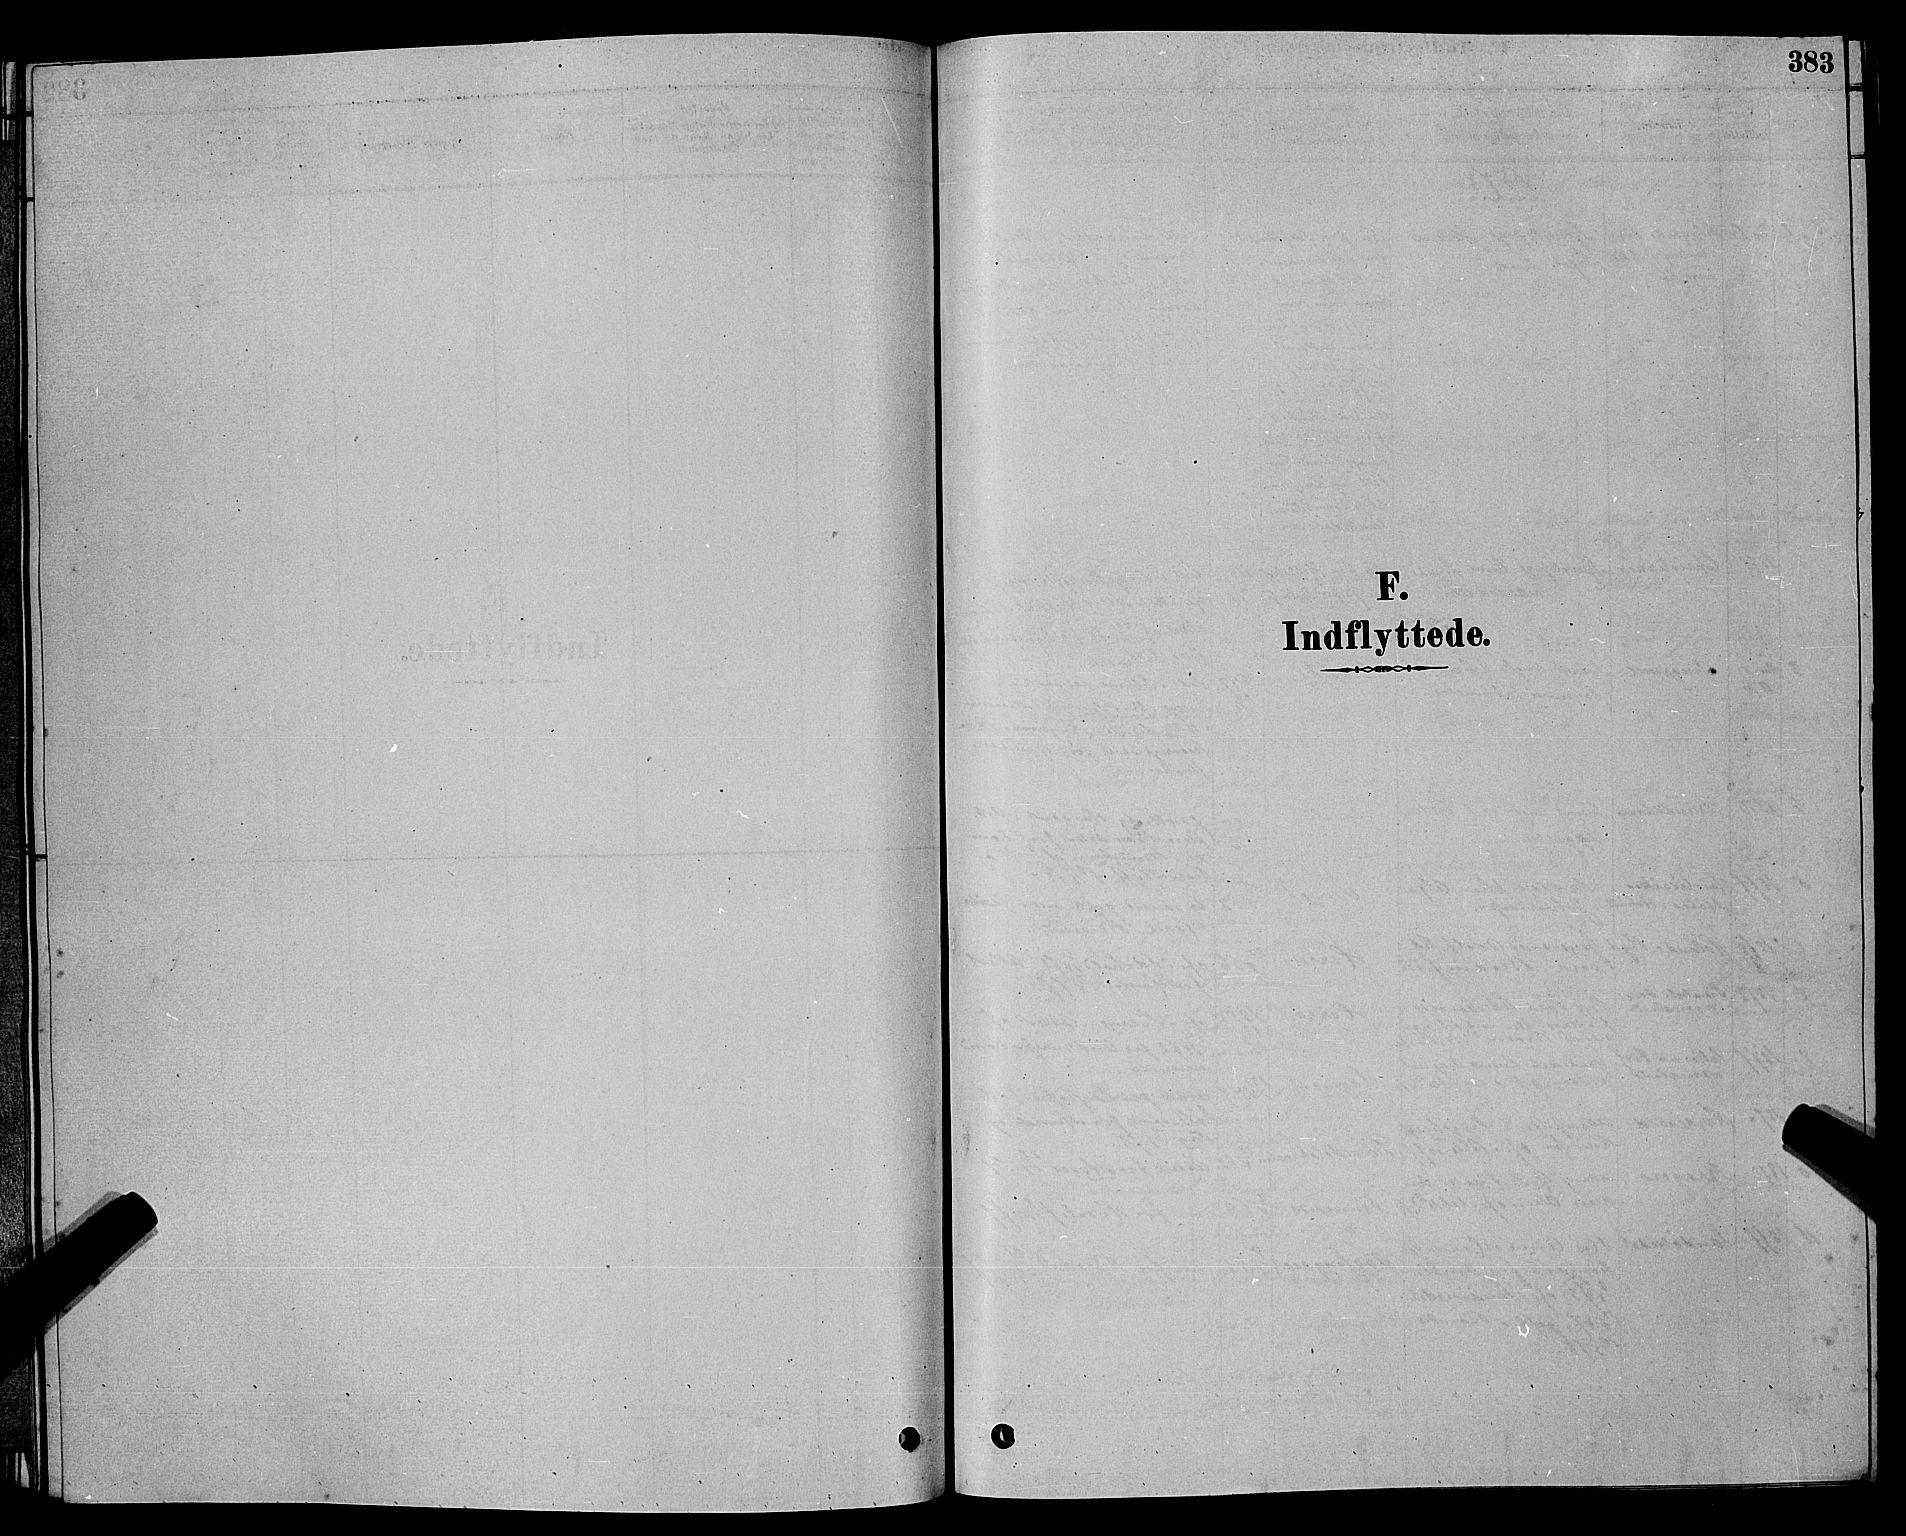 SAKO, Bamble kirkebøker, G/Ga/L0008: Klokkerbok nr. I 8, 1878-1888, s. 383